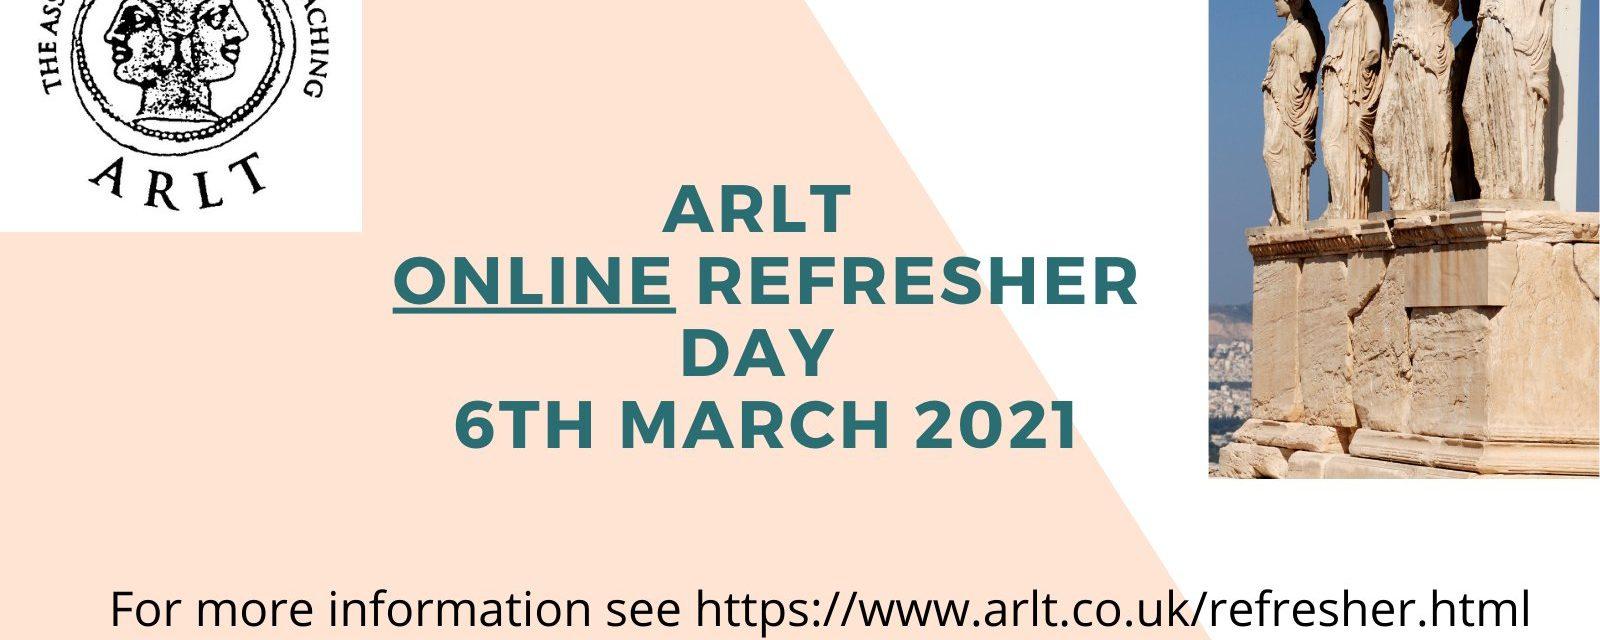 ARLT Refresher Day 2021